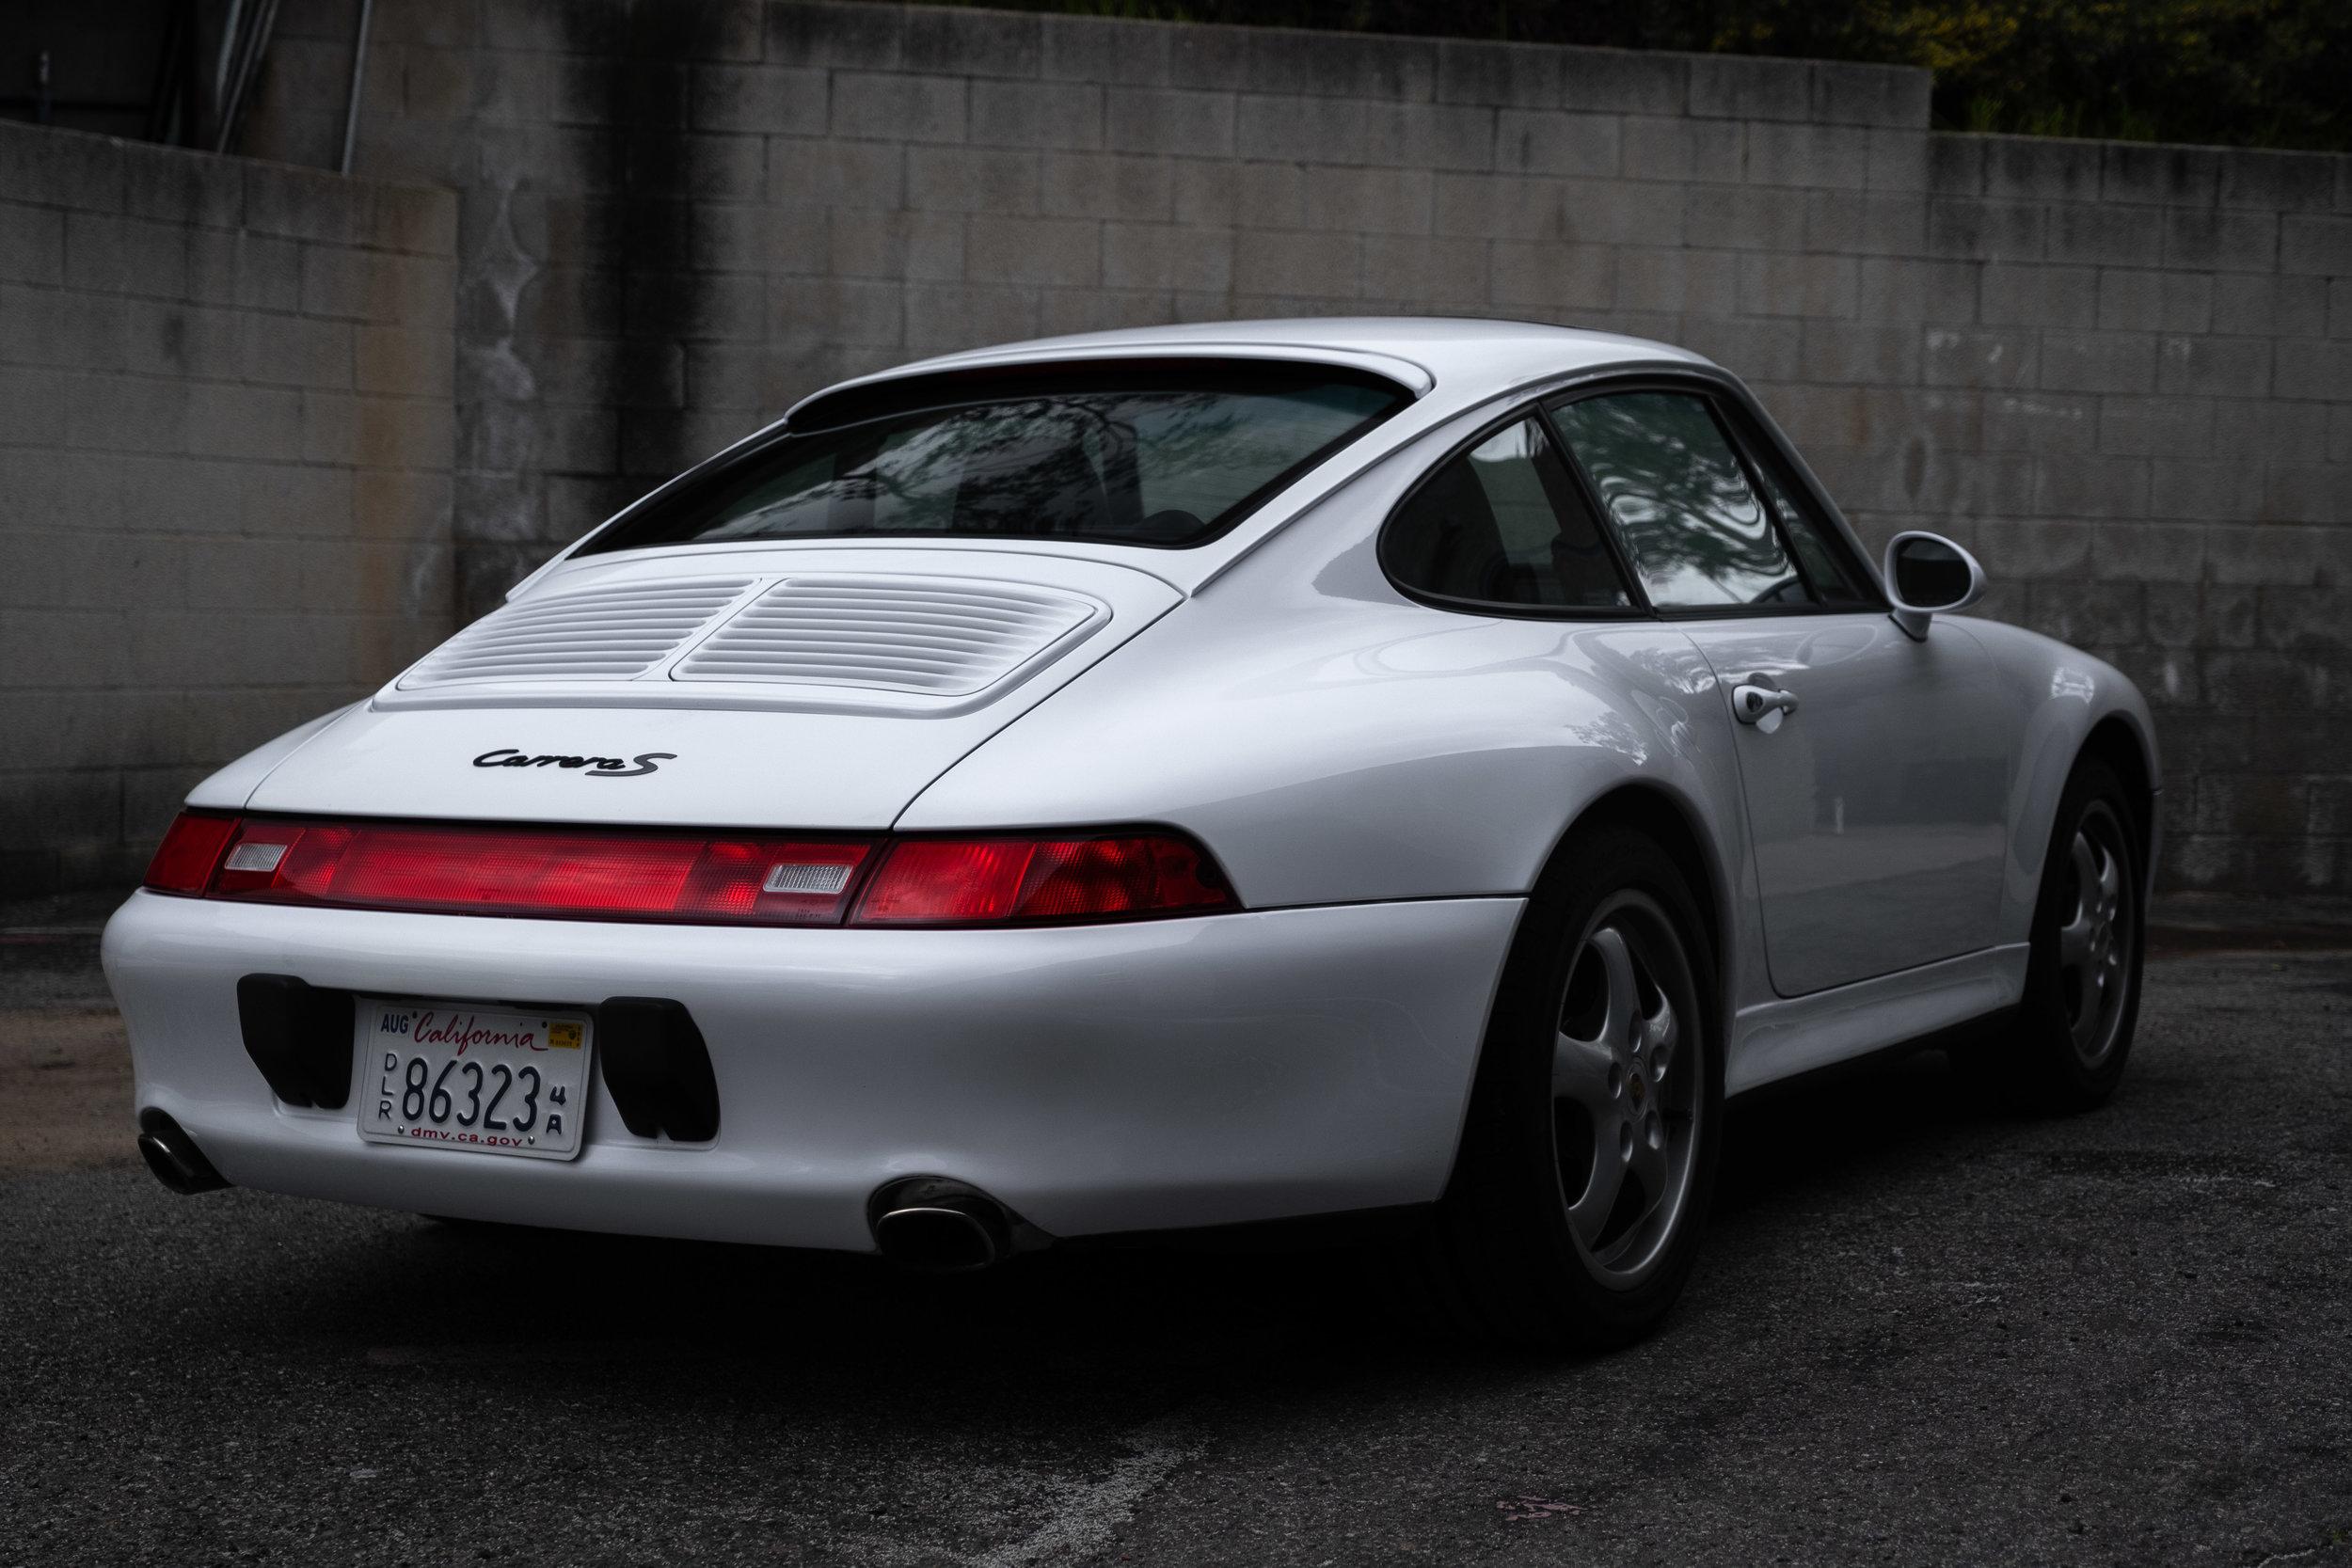 97'WhiteCarrera2S-1393.jpg